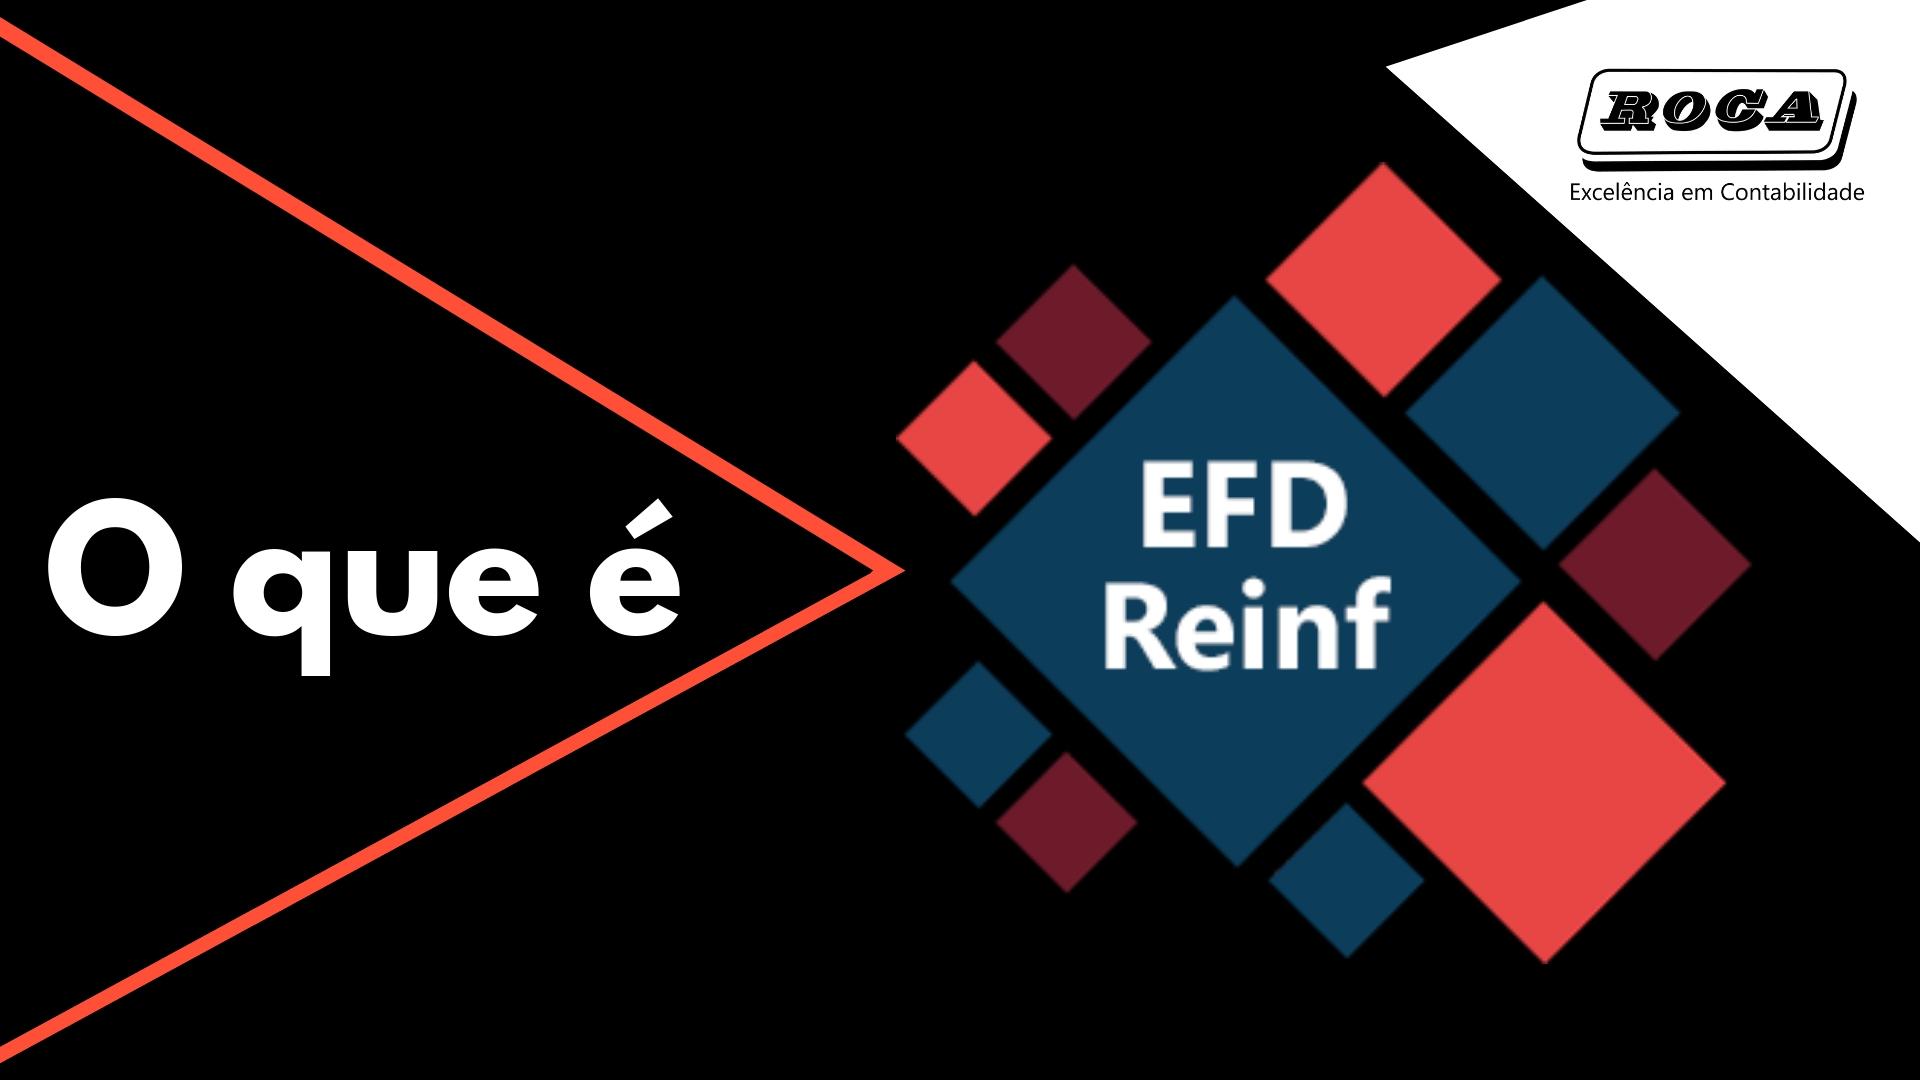 EFD-Reinf – O Que é?